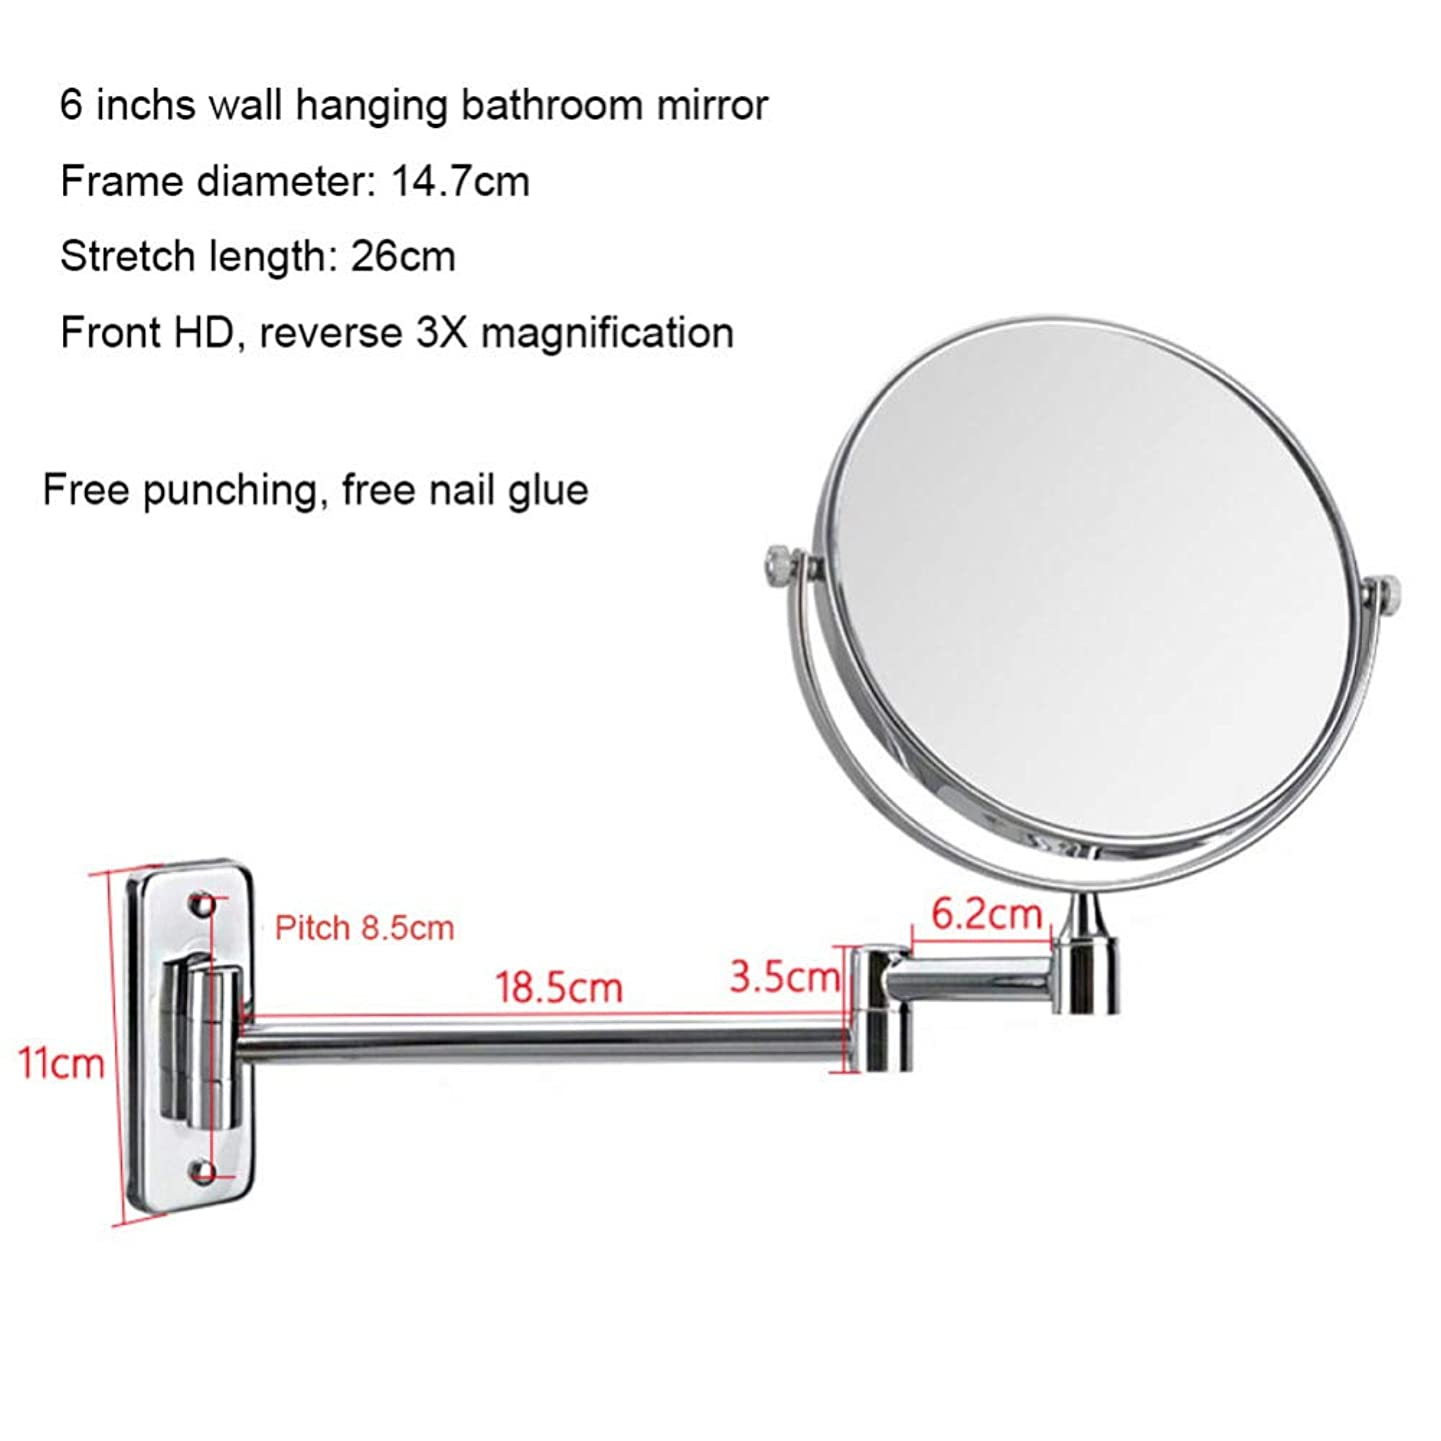 器用哺乳類美的化粧鏡浴室壁掛け鏡両面1X / 3X拡大鏡360°回転は伸縮式折りたたみ鏡,Punchfree6inchsilver